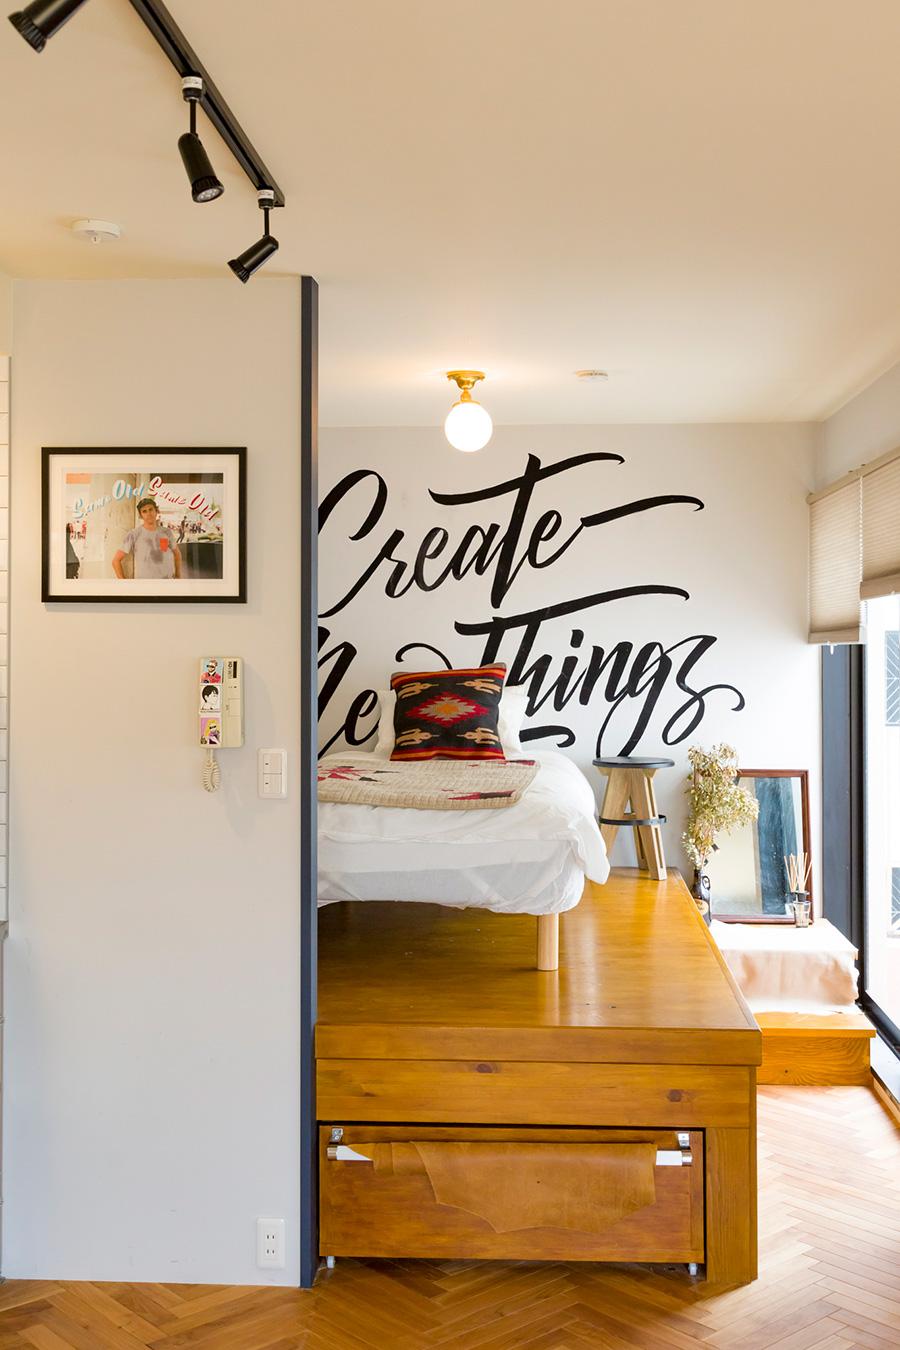 ベッドは階段を2段上がった場所に置かれている。床下は引き出し式の収納庫になっている。左の写真+サインペインティング作品は井澤さんが制作したもの。